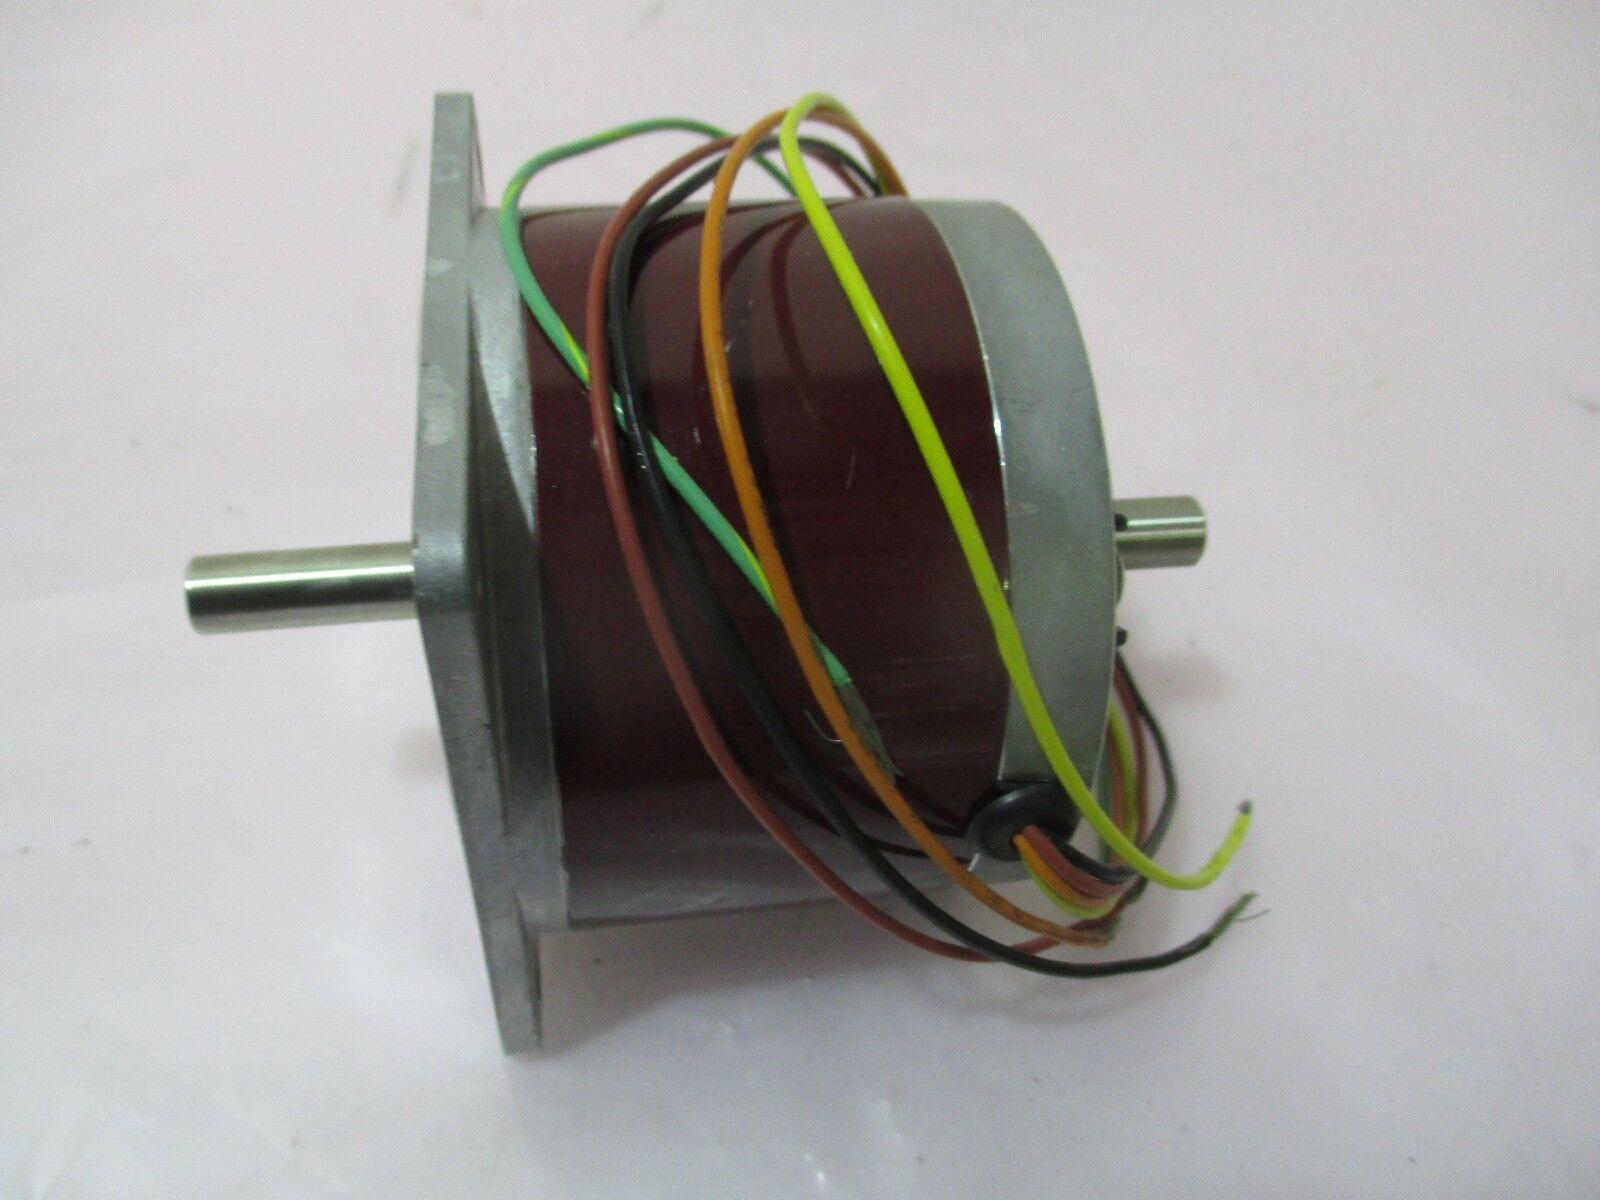 Pacific Scientific E31NRHT-LDN-M3-00 Bipolar Stepper Motor, 420998